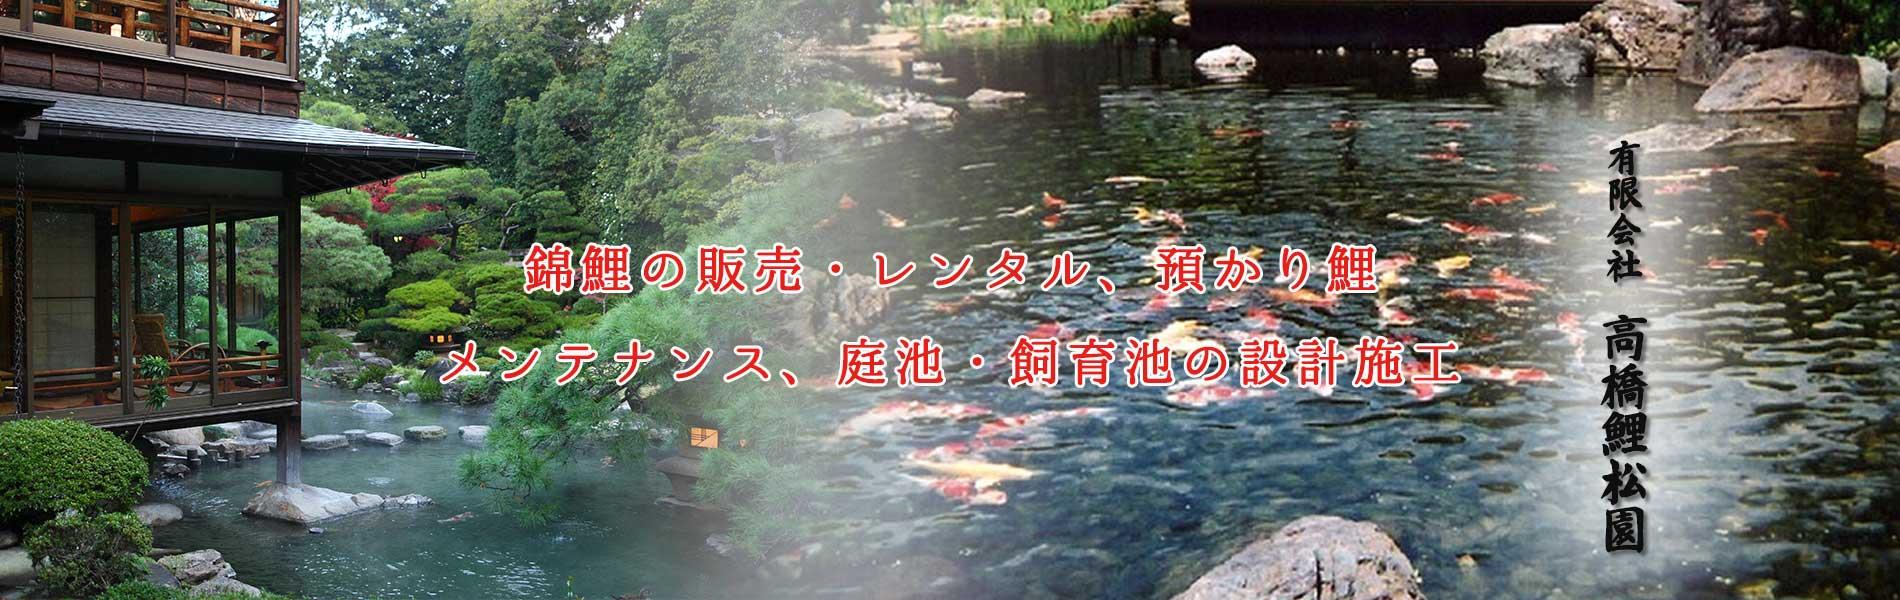 錦鯉の販売・レンタル、預かり鯉、メンテナンス、庭池・飼育池の設計施工